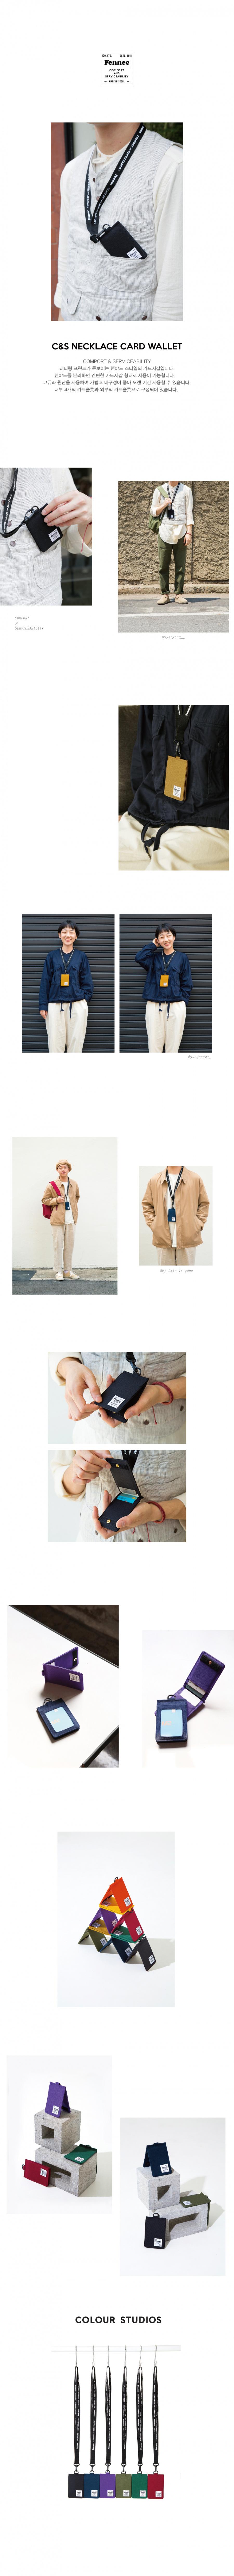 페넥(FENNEC) C&S CARD POCKET - GREEN